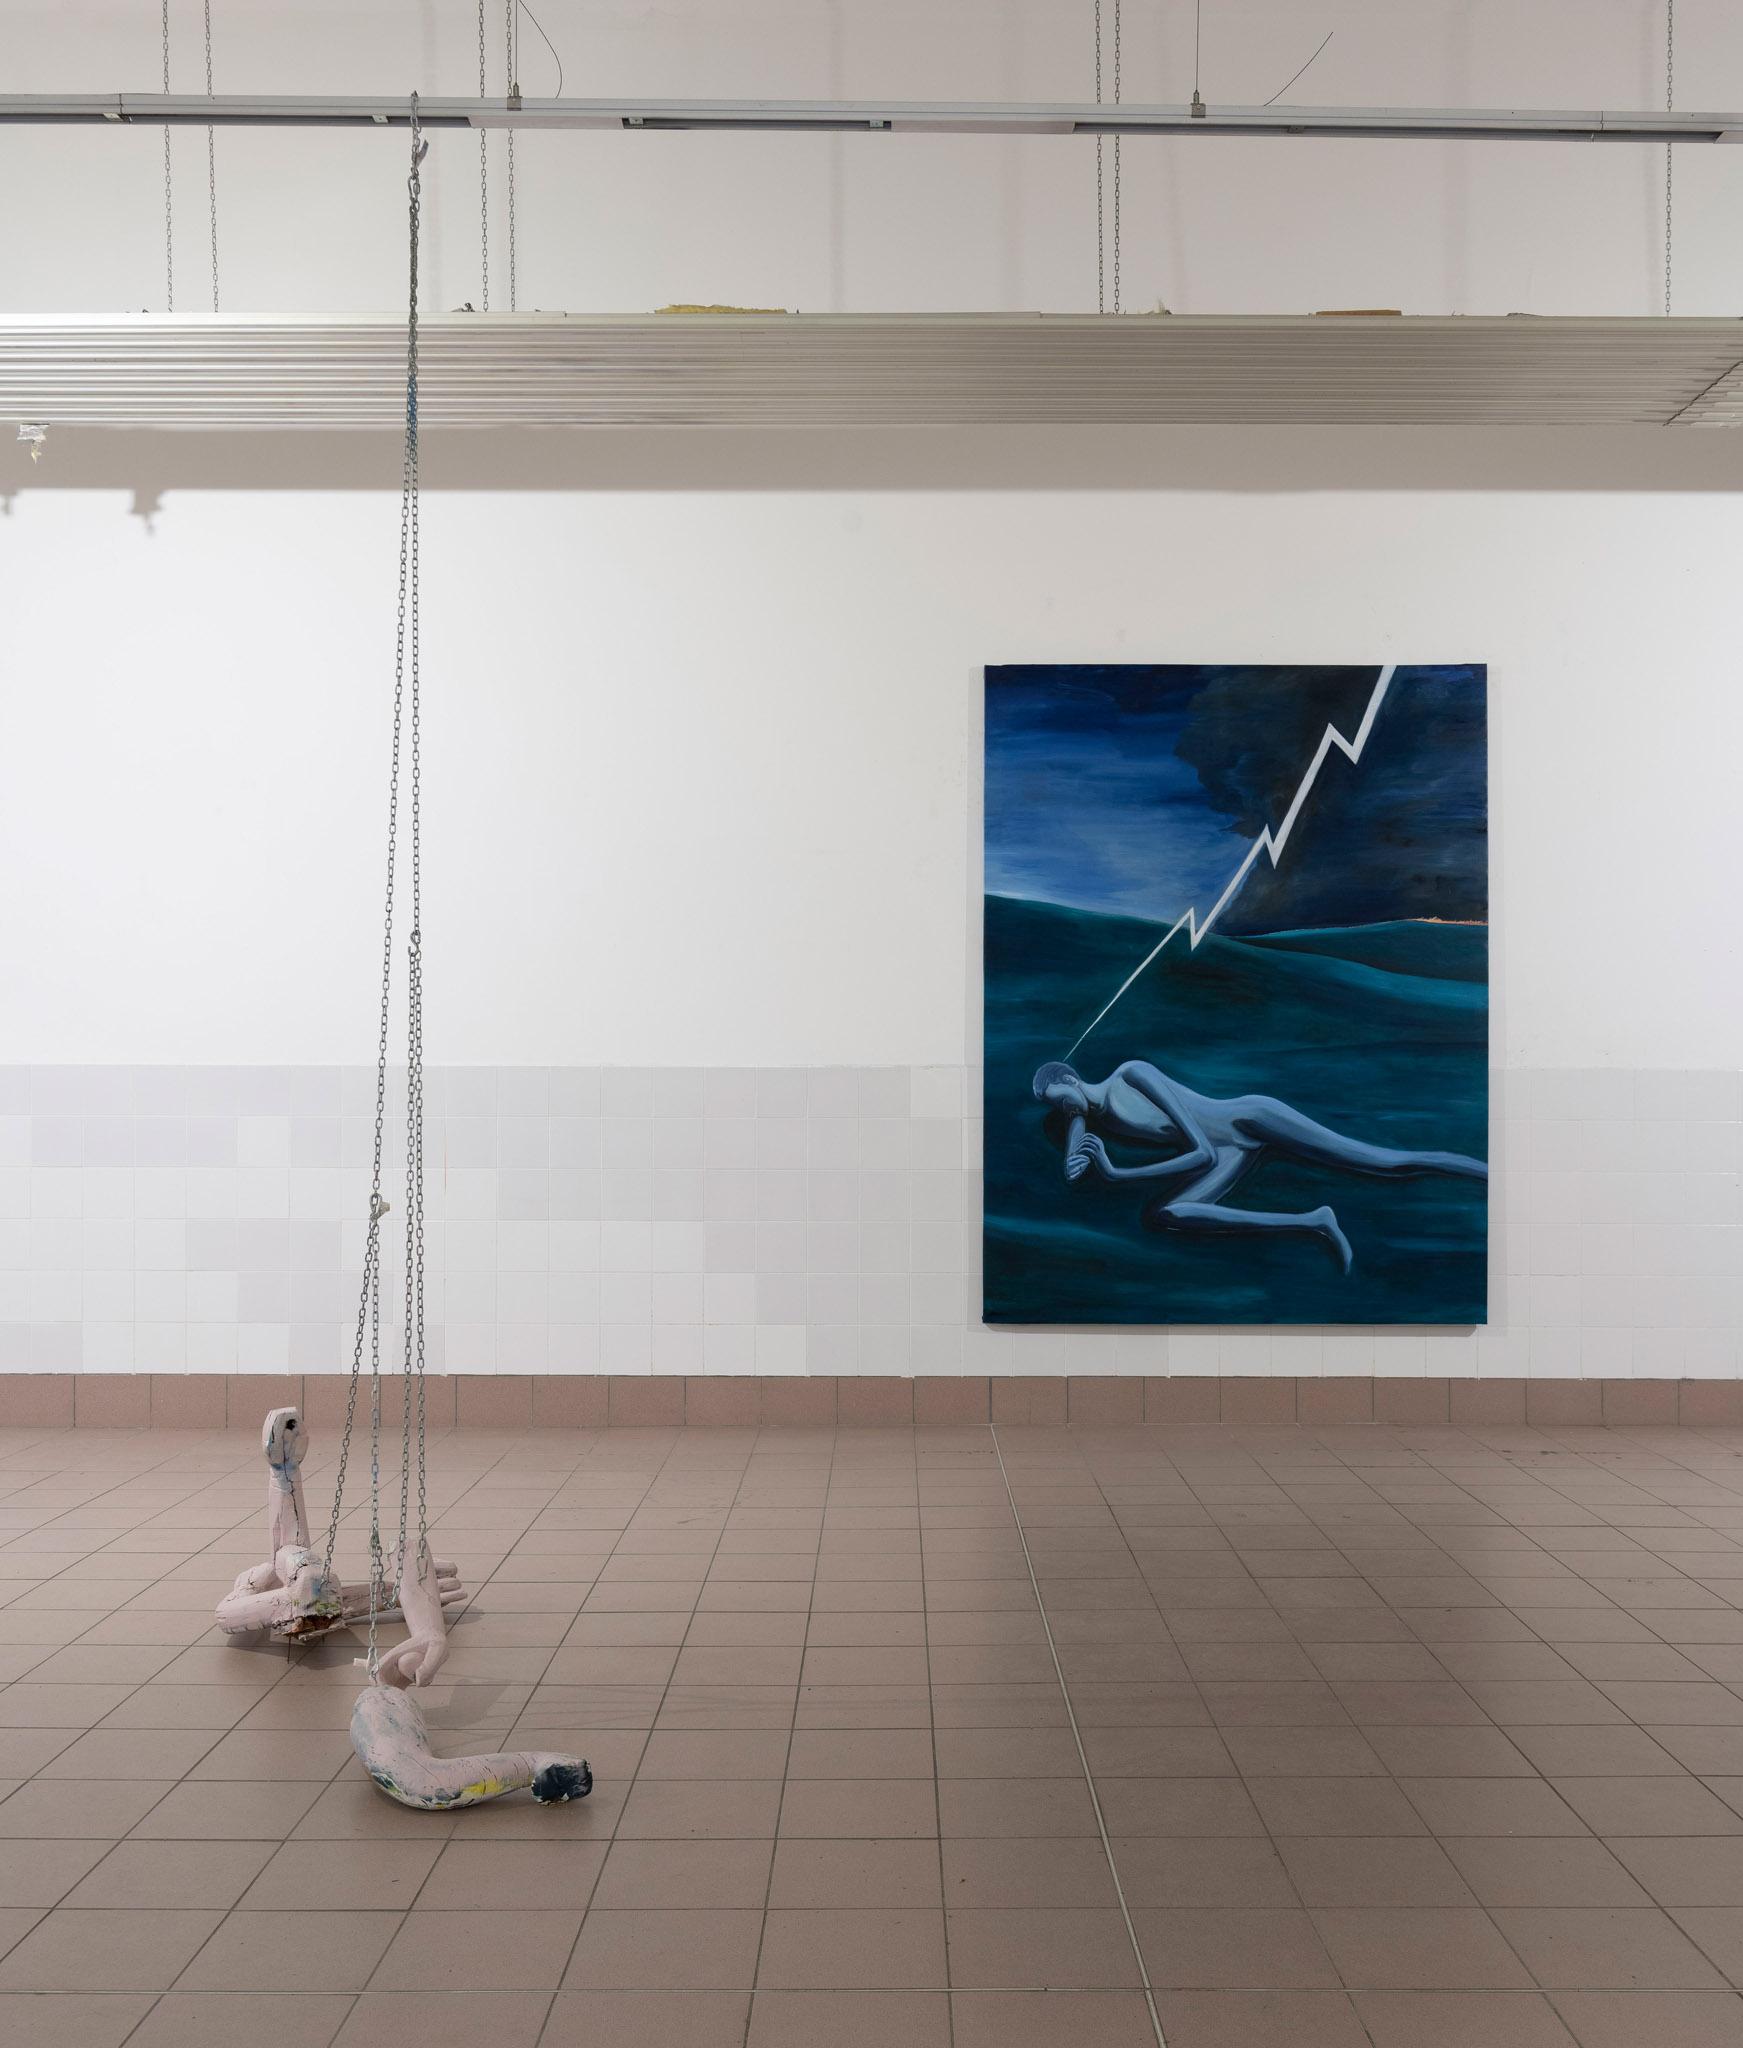 Spaziomensa, Vista dell'installazione sx Sebastiano Bottaro dx Dario Carratta. courtesy artisti e Spaziomensa, photo credit: Giorgio Benni